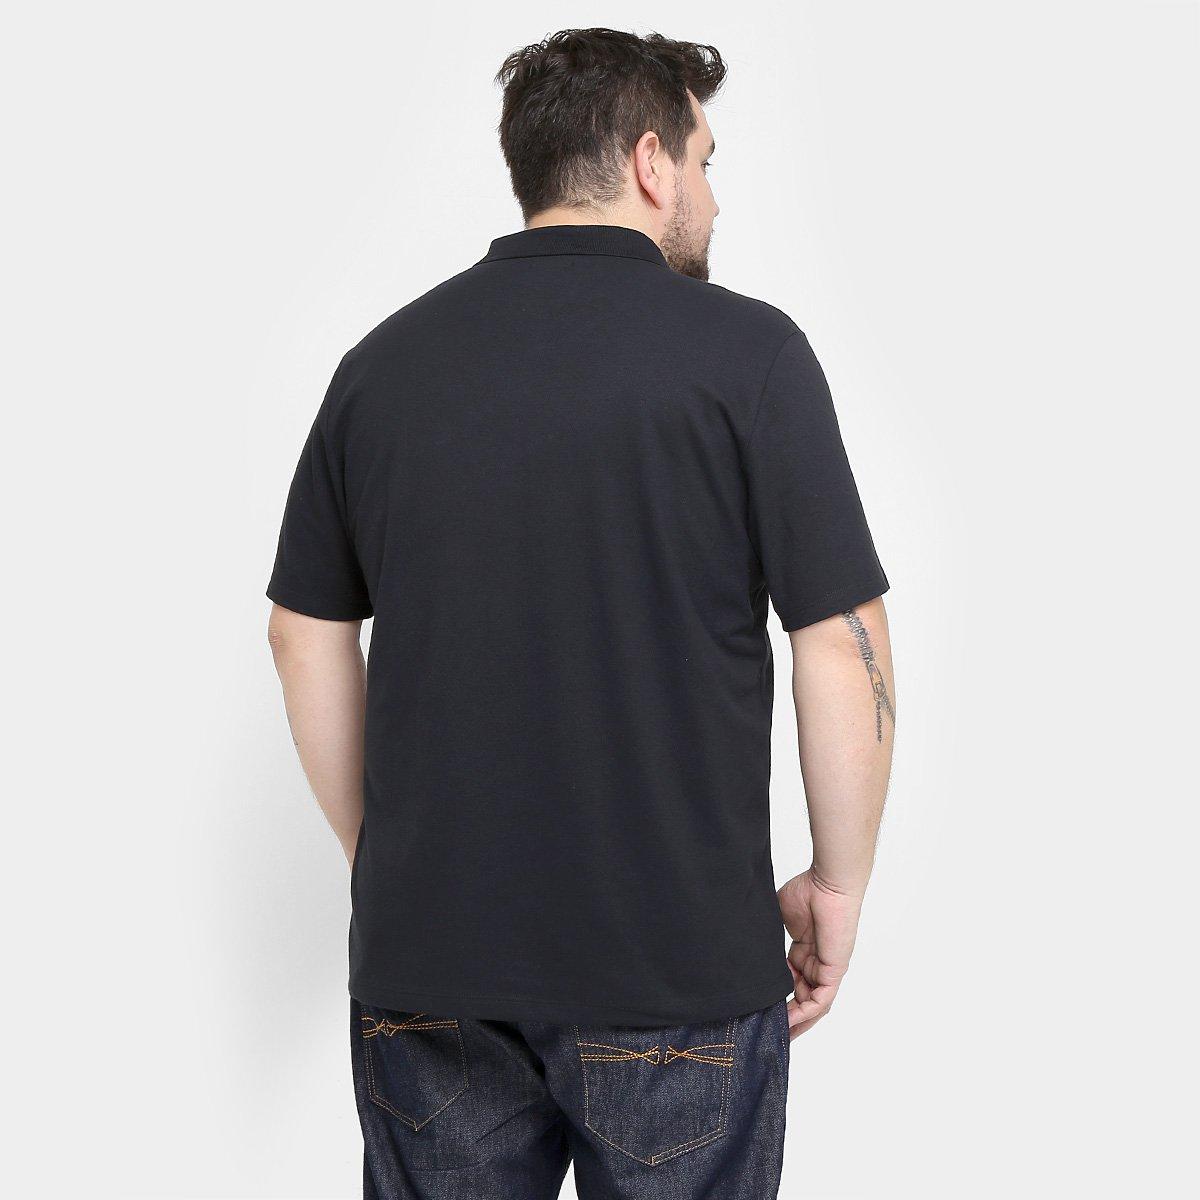 Camisa Polo Kohmar Piquet Plus Size Masculina - Preto - Compre Agora ... 7bd080e128883